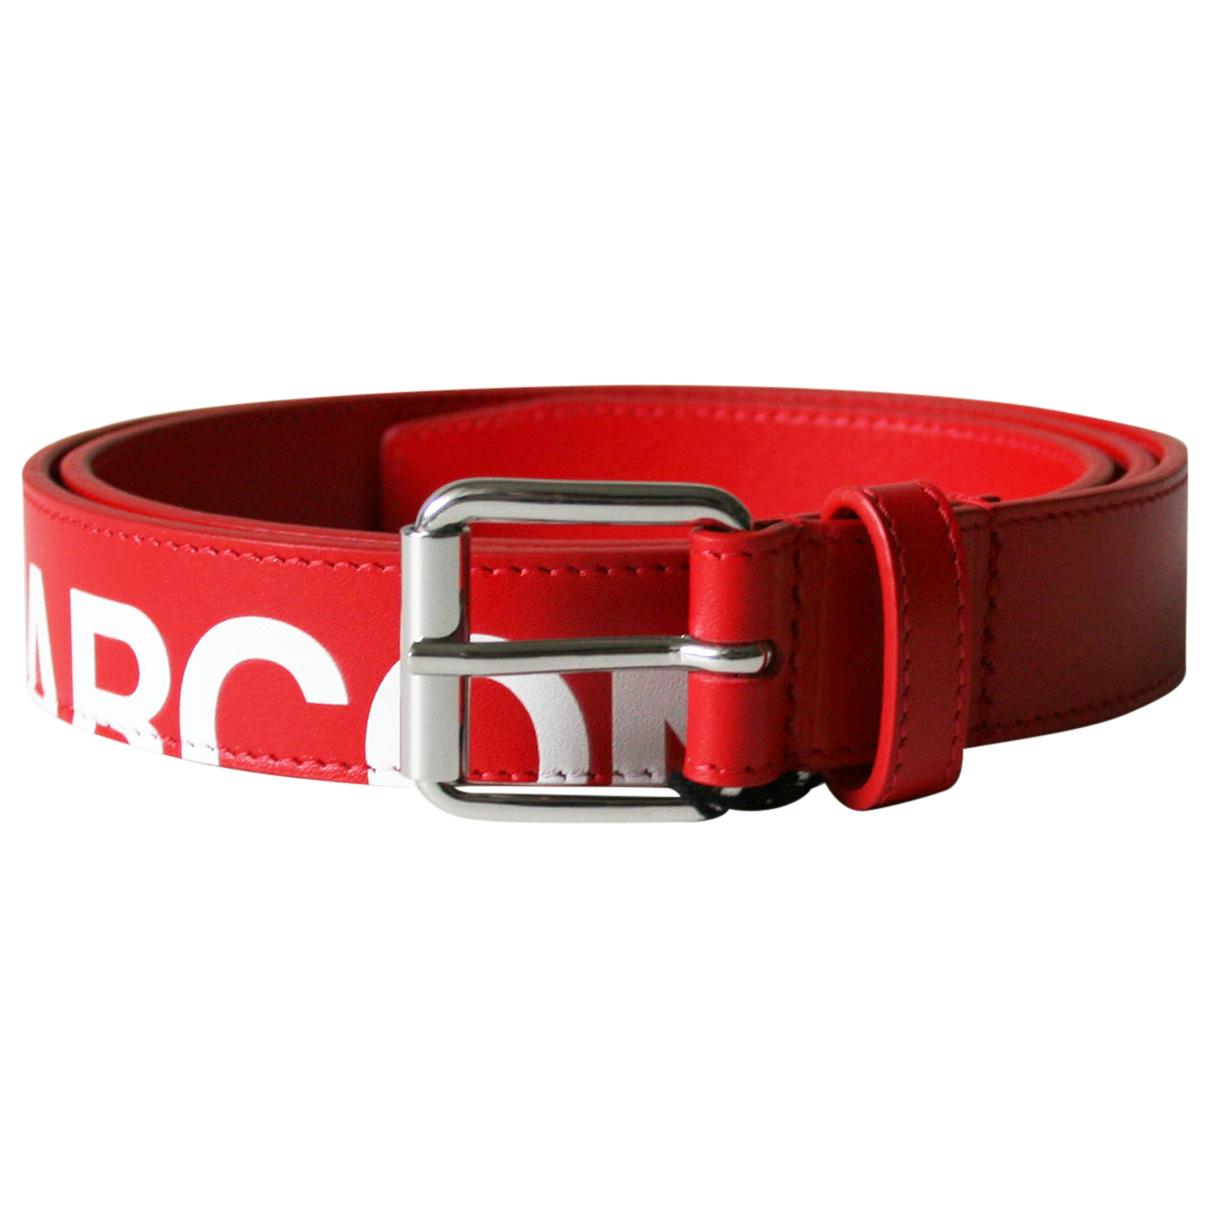 Cinturon de Cuero Comme Des Garcons